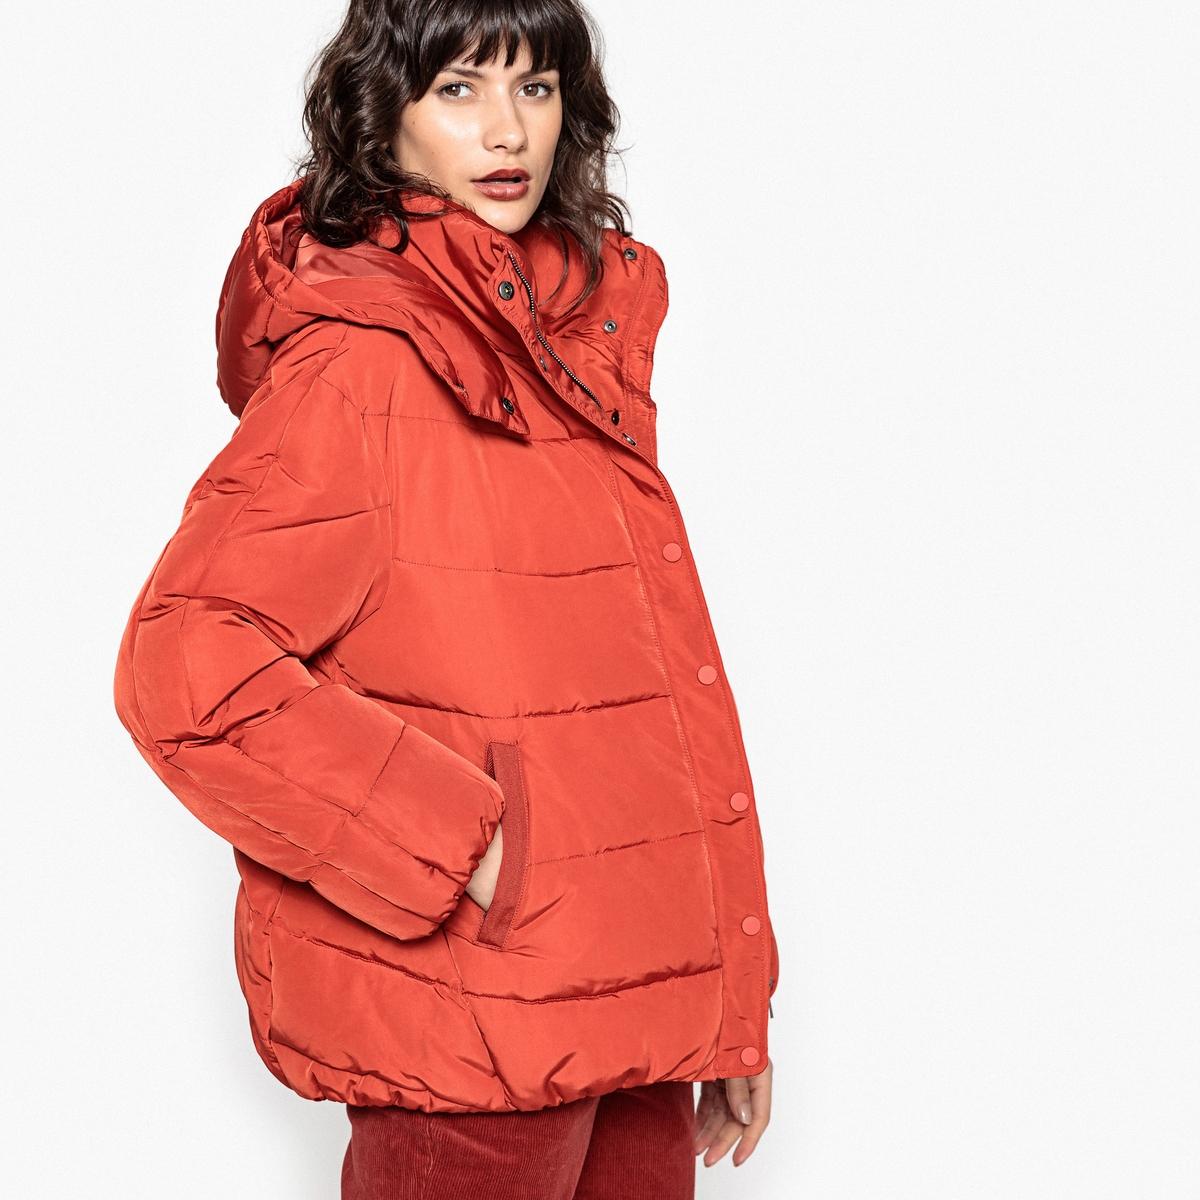 Куртка стеганая с капюшономЭта теплая и модная стеганая куртка не даст вам замерзнуть этой зимой . Невероятно комфортная и теплая куртка, отличный выбор для прогулок в городе или на уикэнд .Детали •  Длина : укороченная •  Воротник-стойка •  Застежка на молниюСостав и уход •  100% полиэстер • Не стирать •  Деликатная чистка/без отбеливателей •  Не использовать барабанную сушку   •  Не гладить •  Длина : 68 см.<br><br>Цвет: красный/ кирпичный,слоновая кость,черный<br>Размер: 34 (FR) - 40 (RUS).50 (FR) - 56 (RUS).46 (FR) - 52 (RUS).36 (FR) - 42 (RUS).42 (FR) - 48 (RUS).38 (FR) - 44 (RUS).36 (FR) - 42 (RUS).42 (FR) - 48 (RUS).40 (FR) - 46 (RUS).48 (FR) - 54 (RUS)